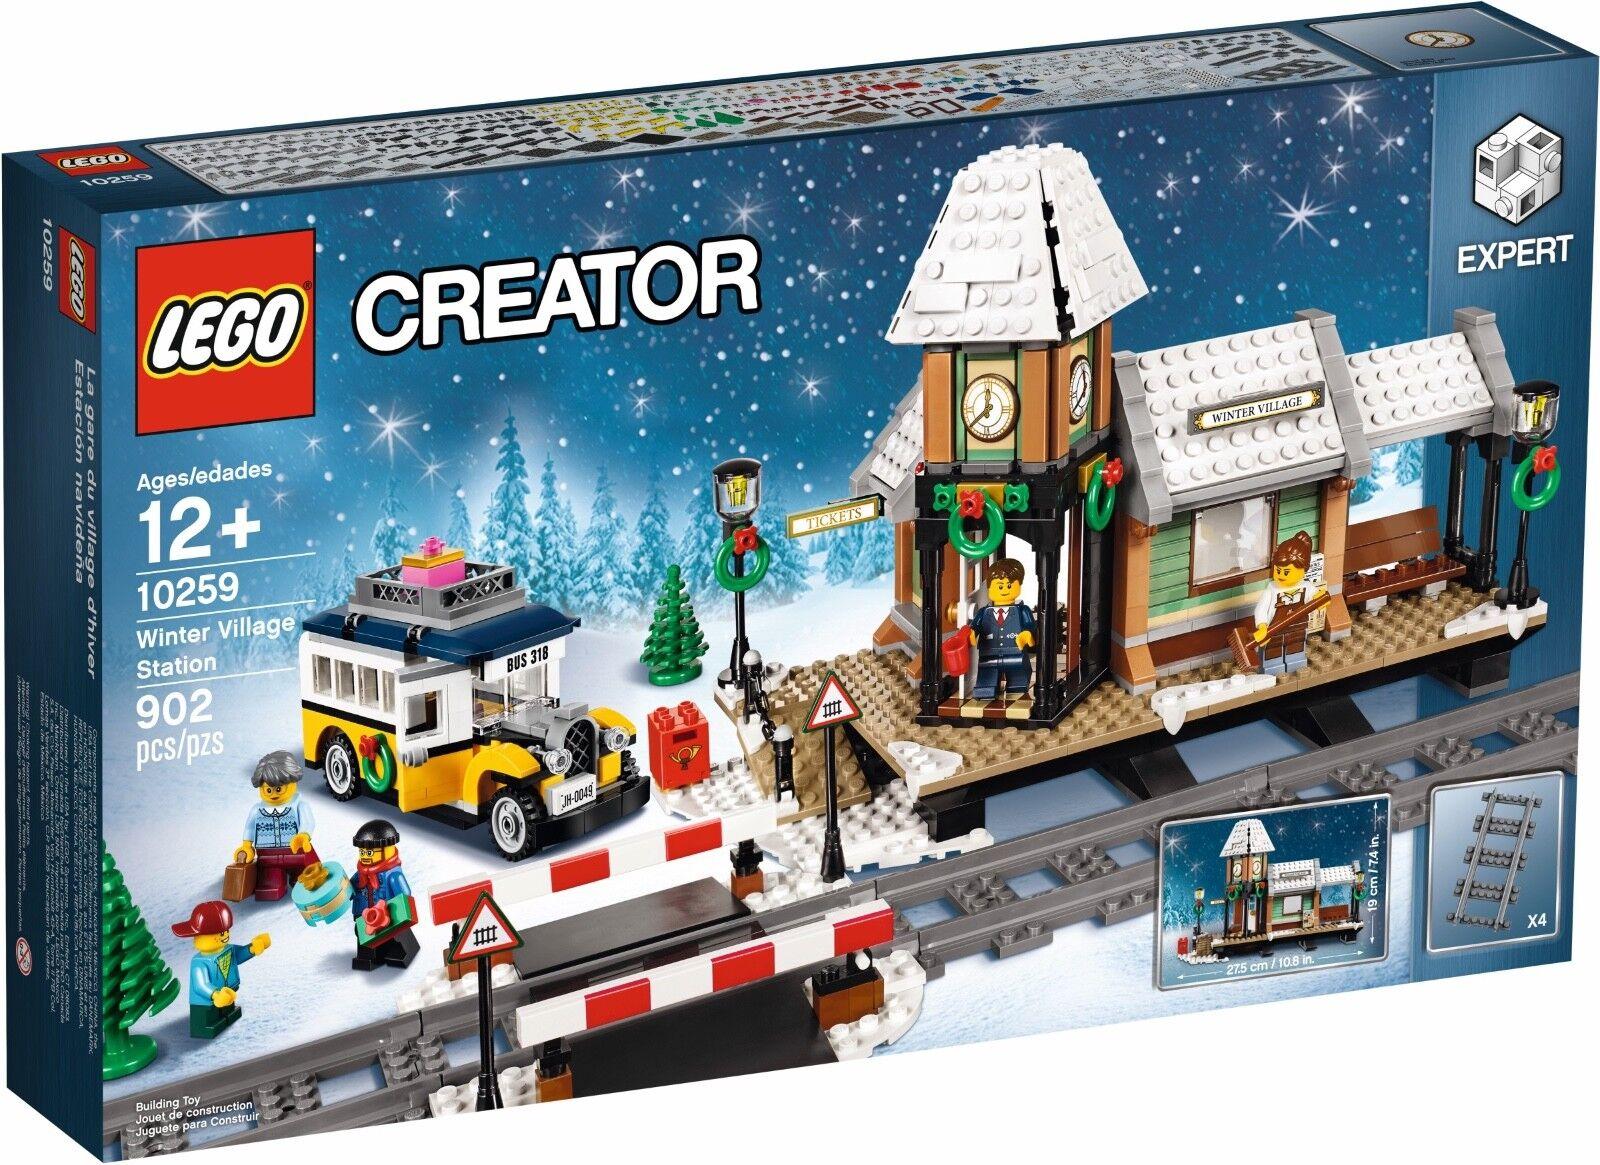 Lego creator winter dorf bahnhof (10259) versiegelten kiste - weihnachtsbaum